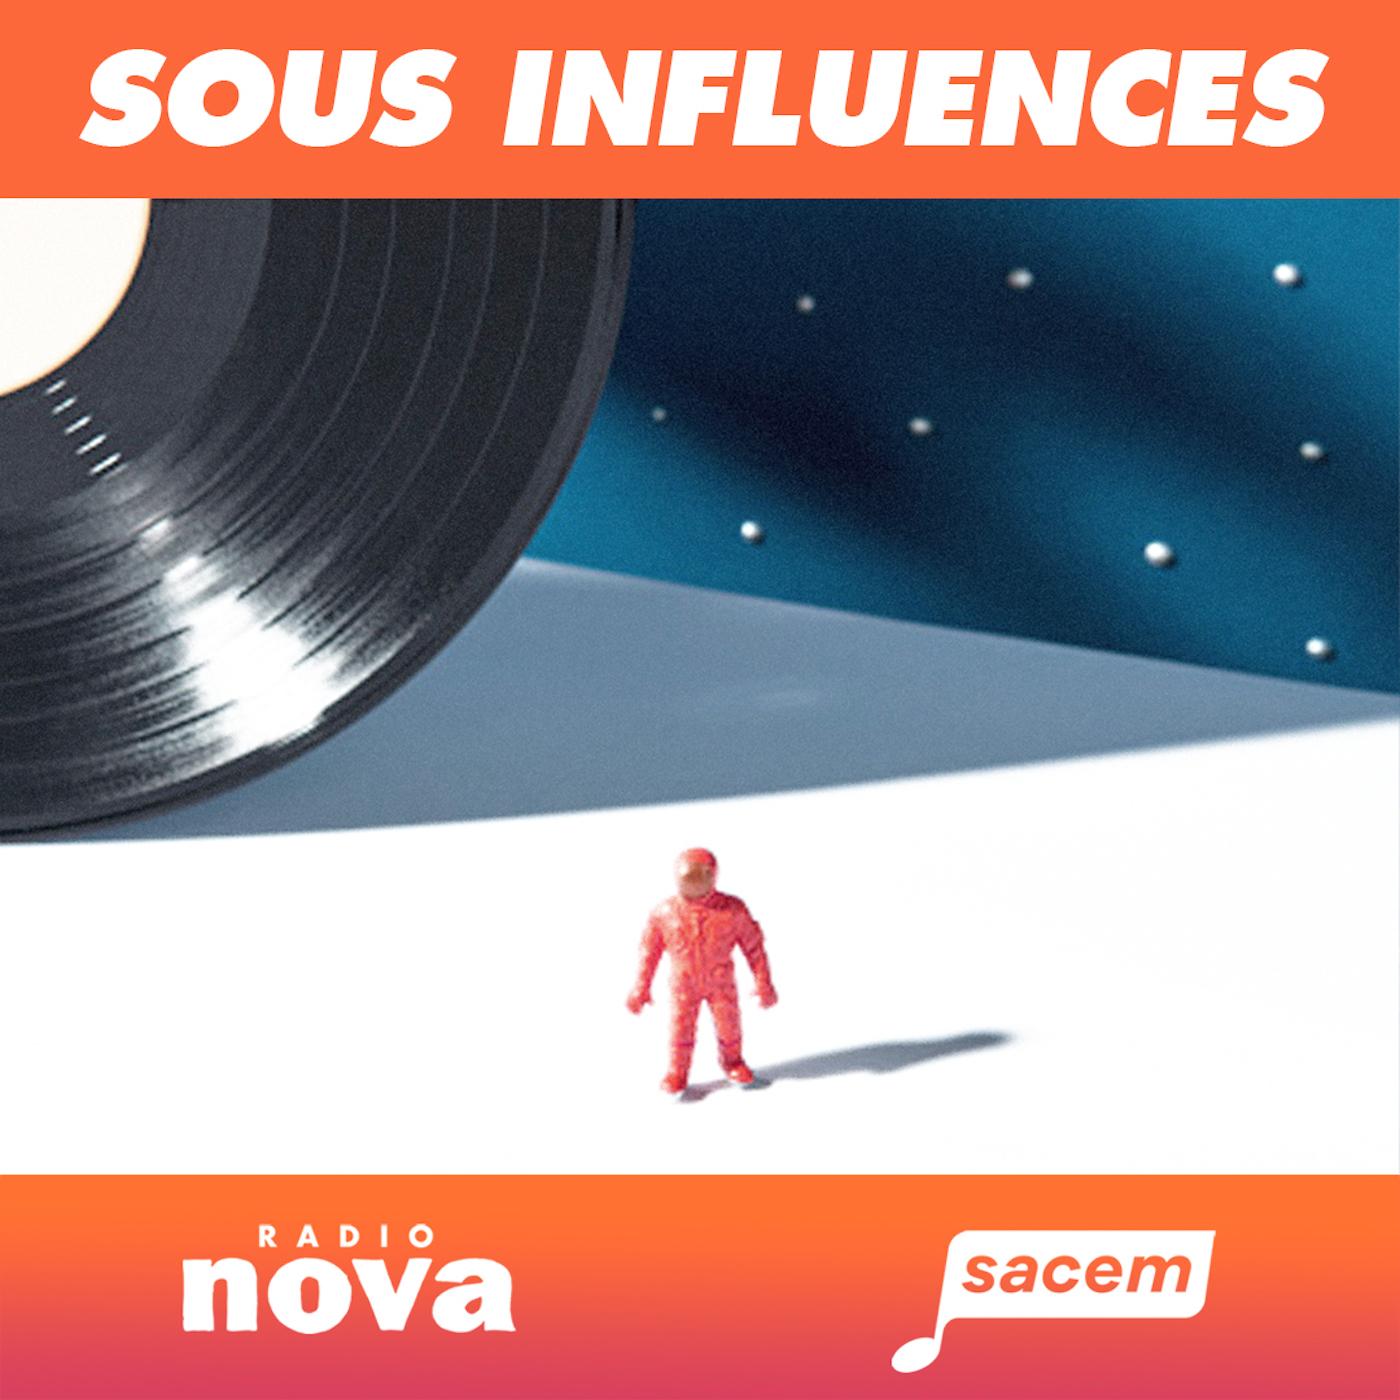 Sous influences